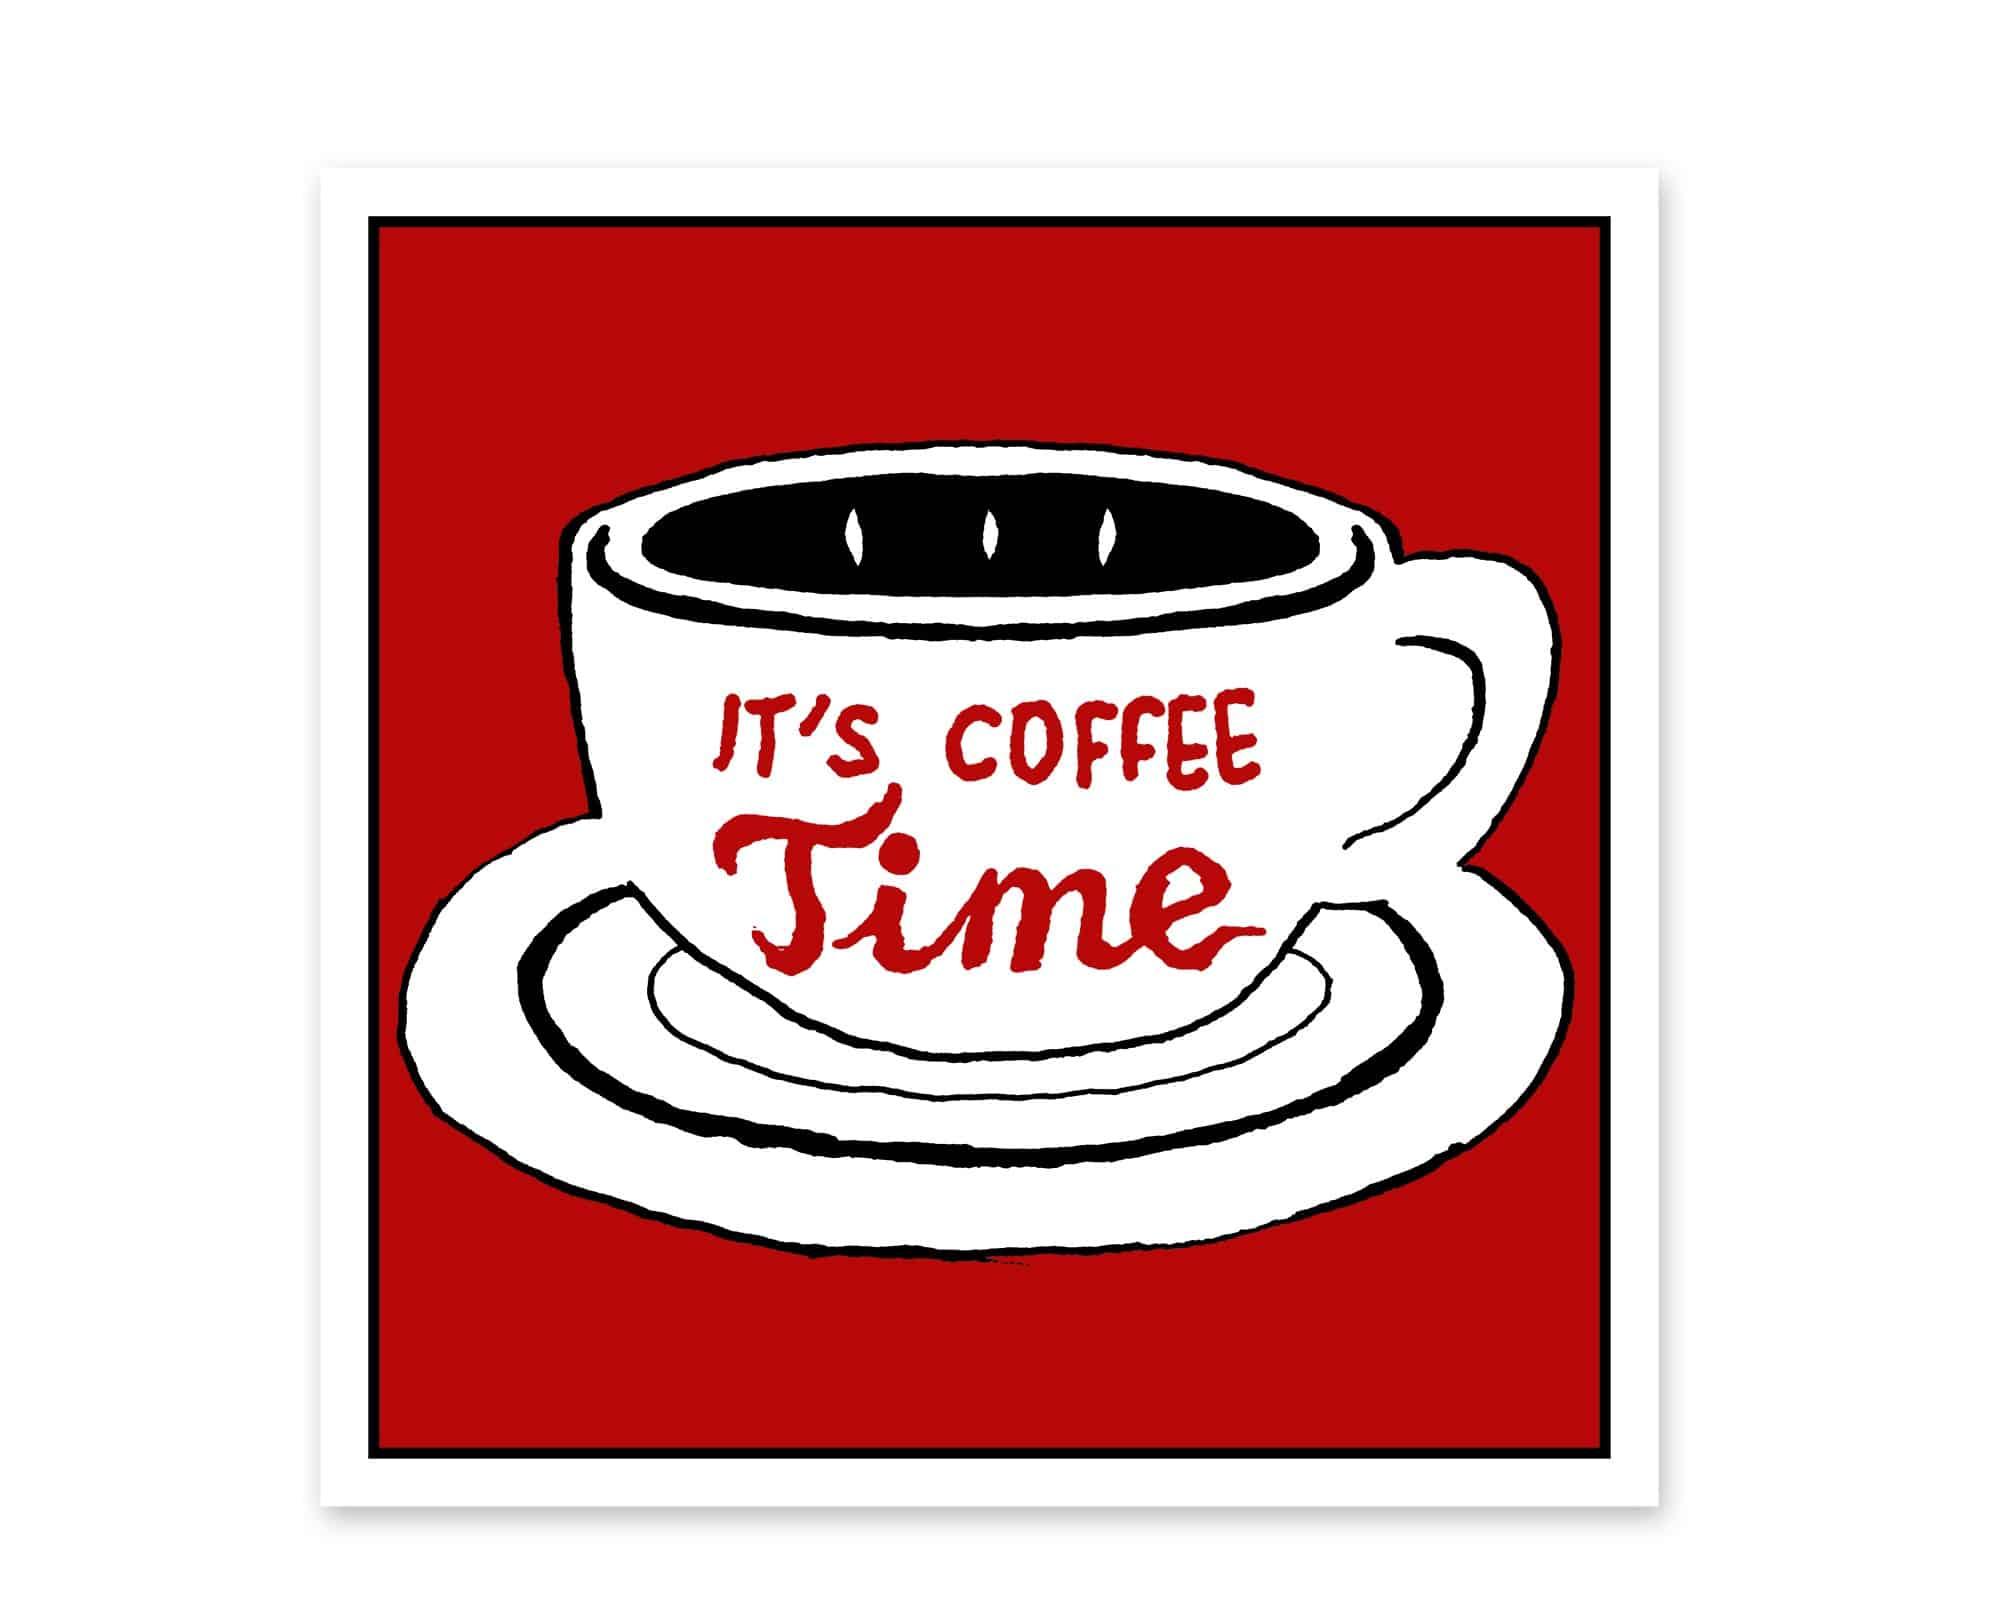 Ilustración de una taza de café con el texto It´s coffee Time. Fondo rojo. Decoración para cocinas, oficinas y cafeterías.